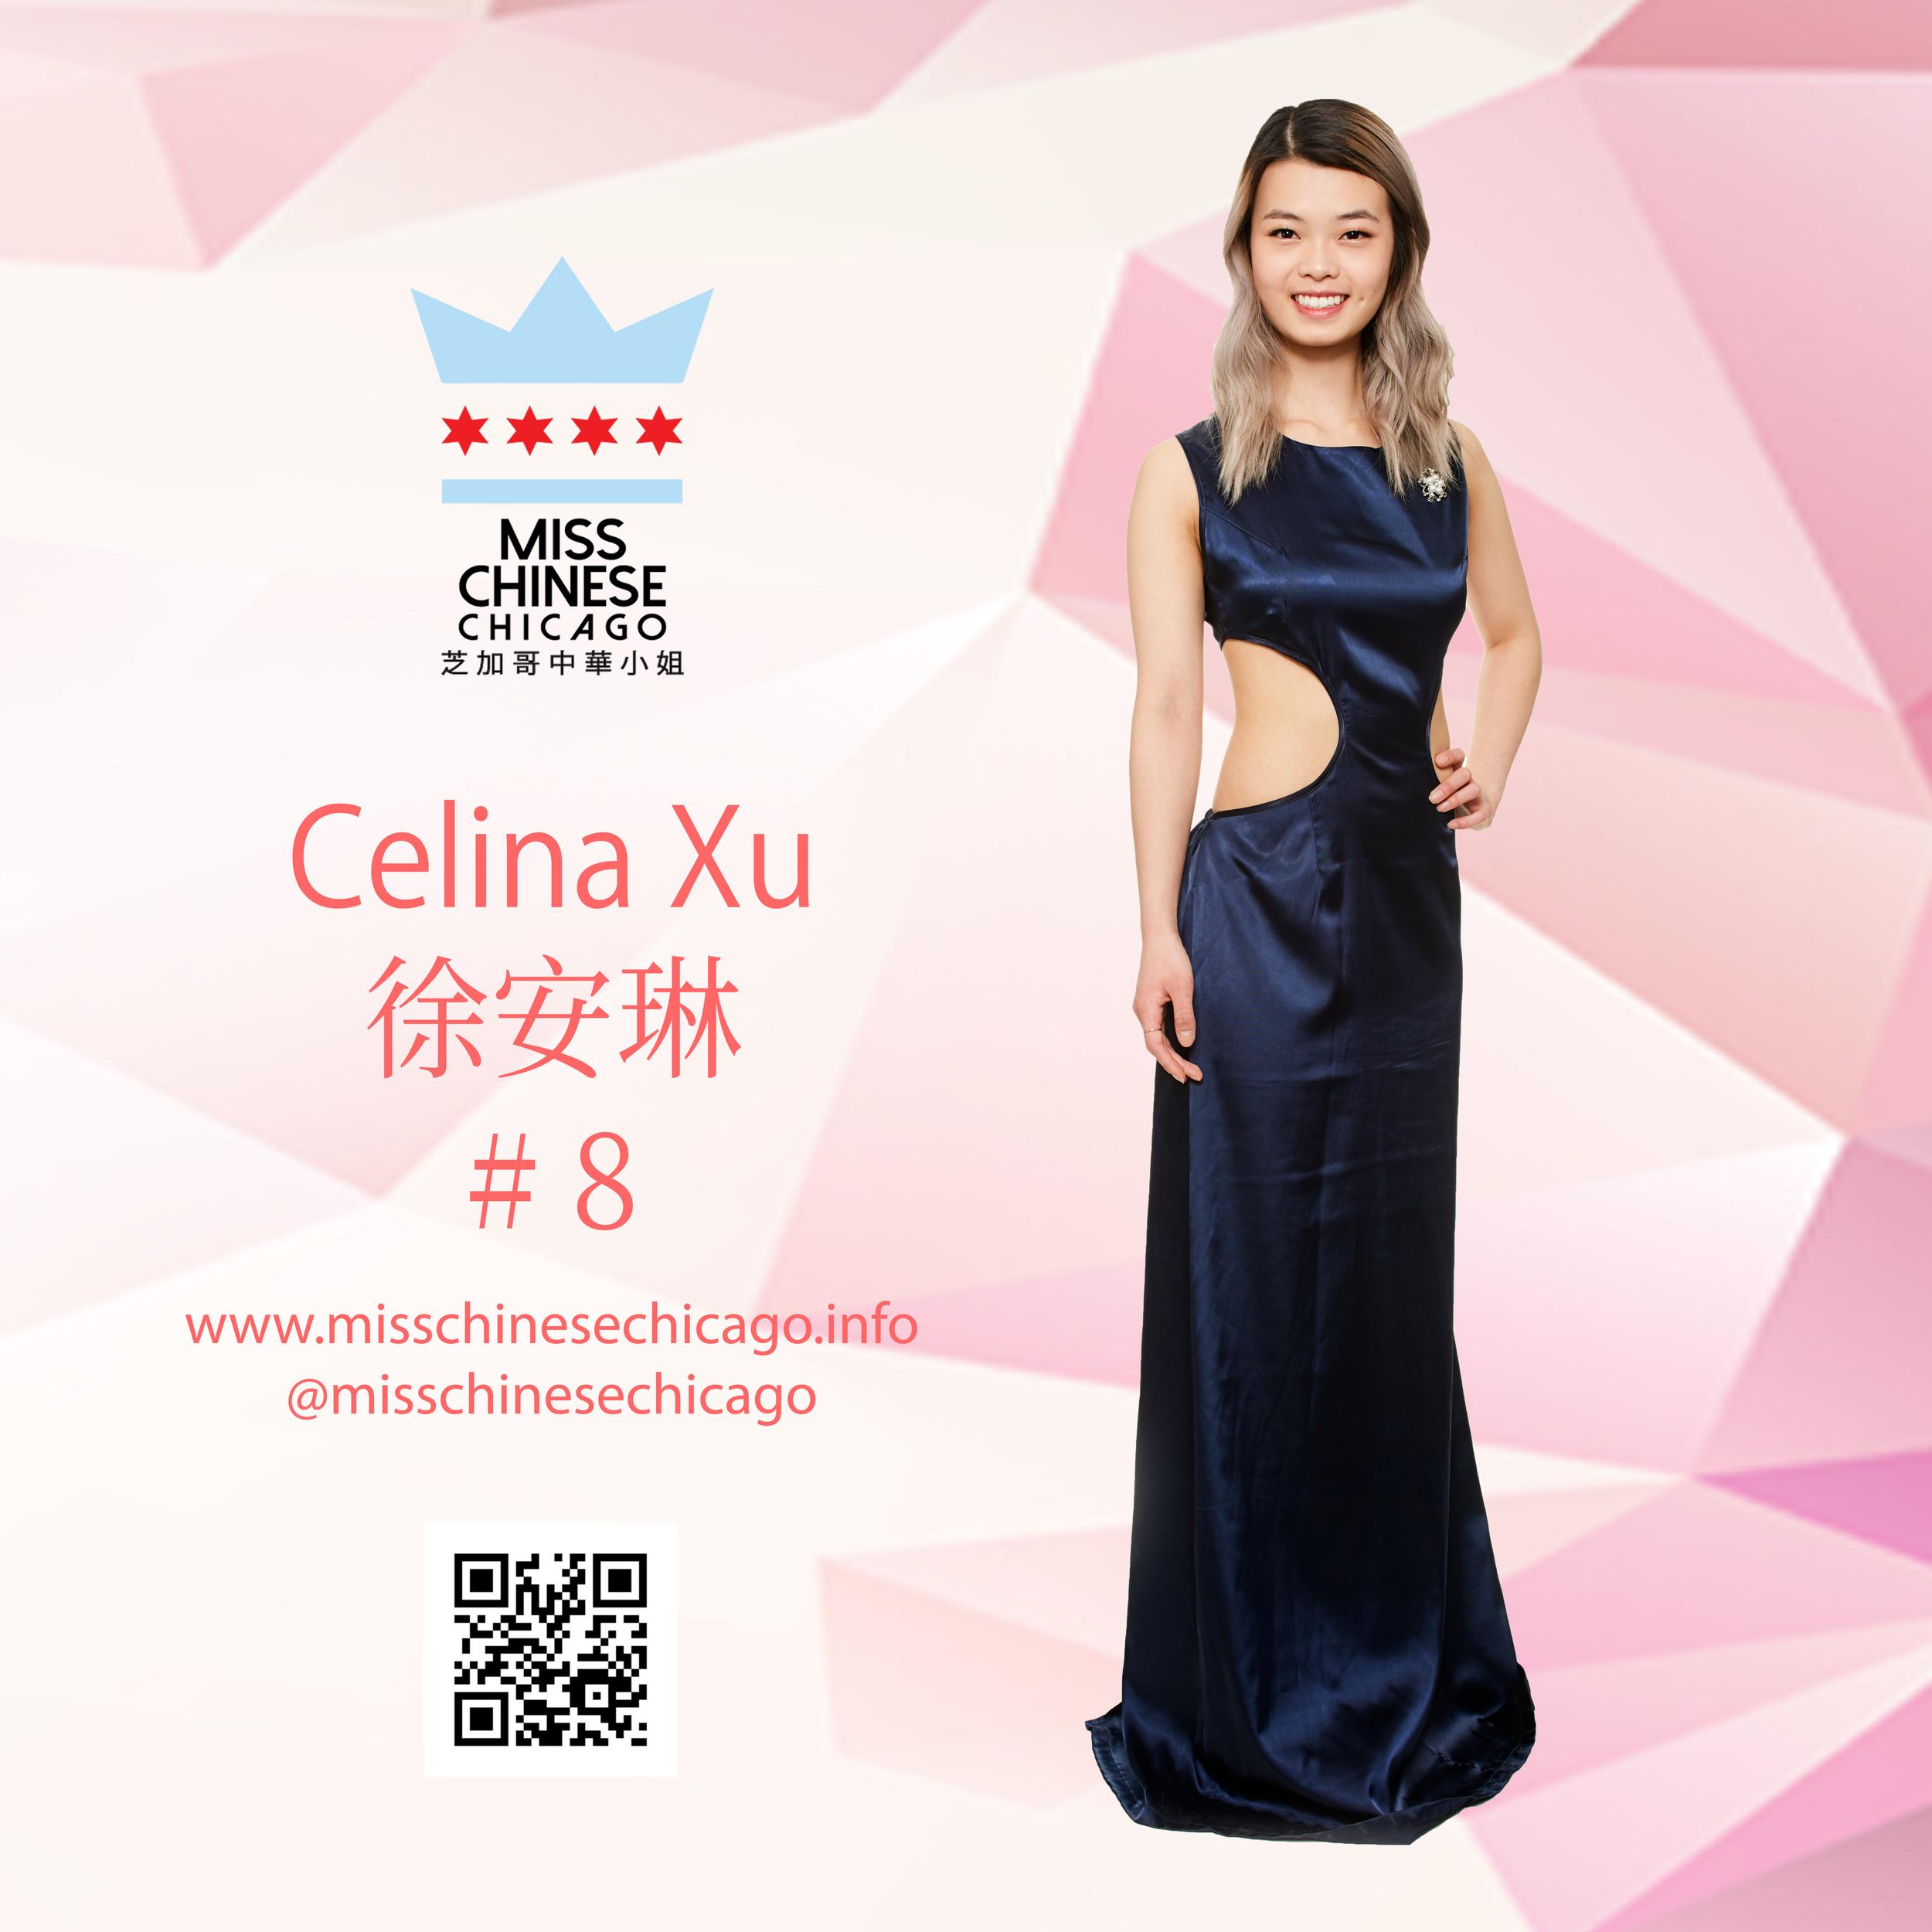 Celina_Xu_Evening_IG.png